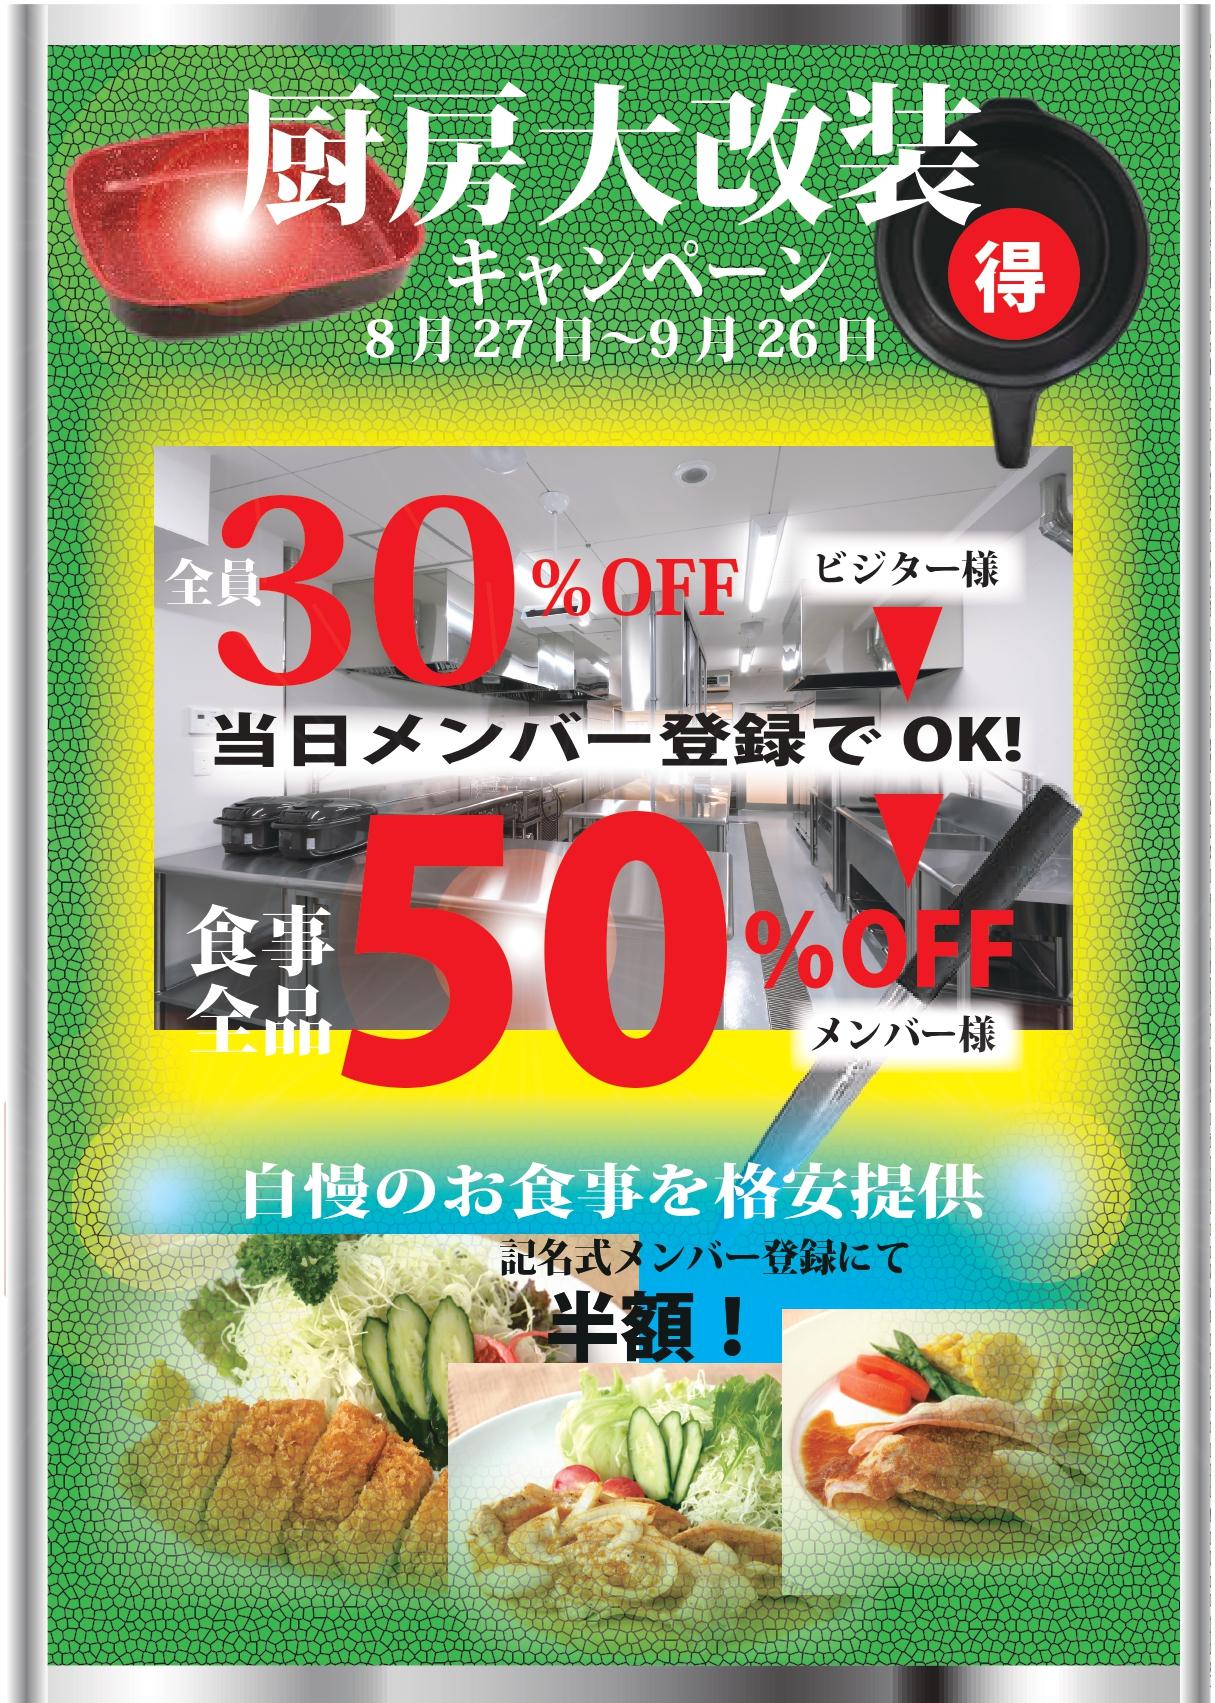 厨房大改装キャンペーン (1)_page-0001